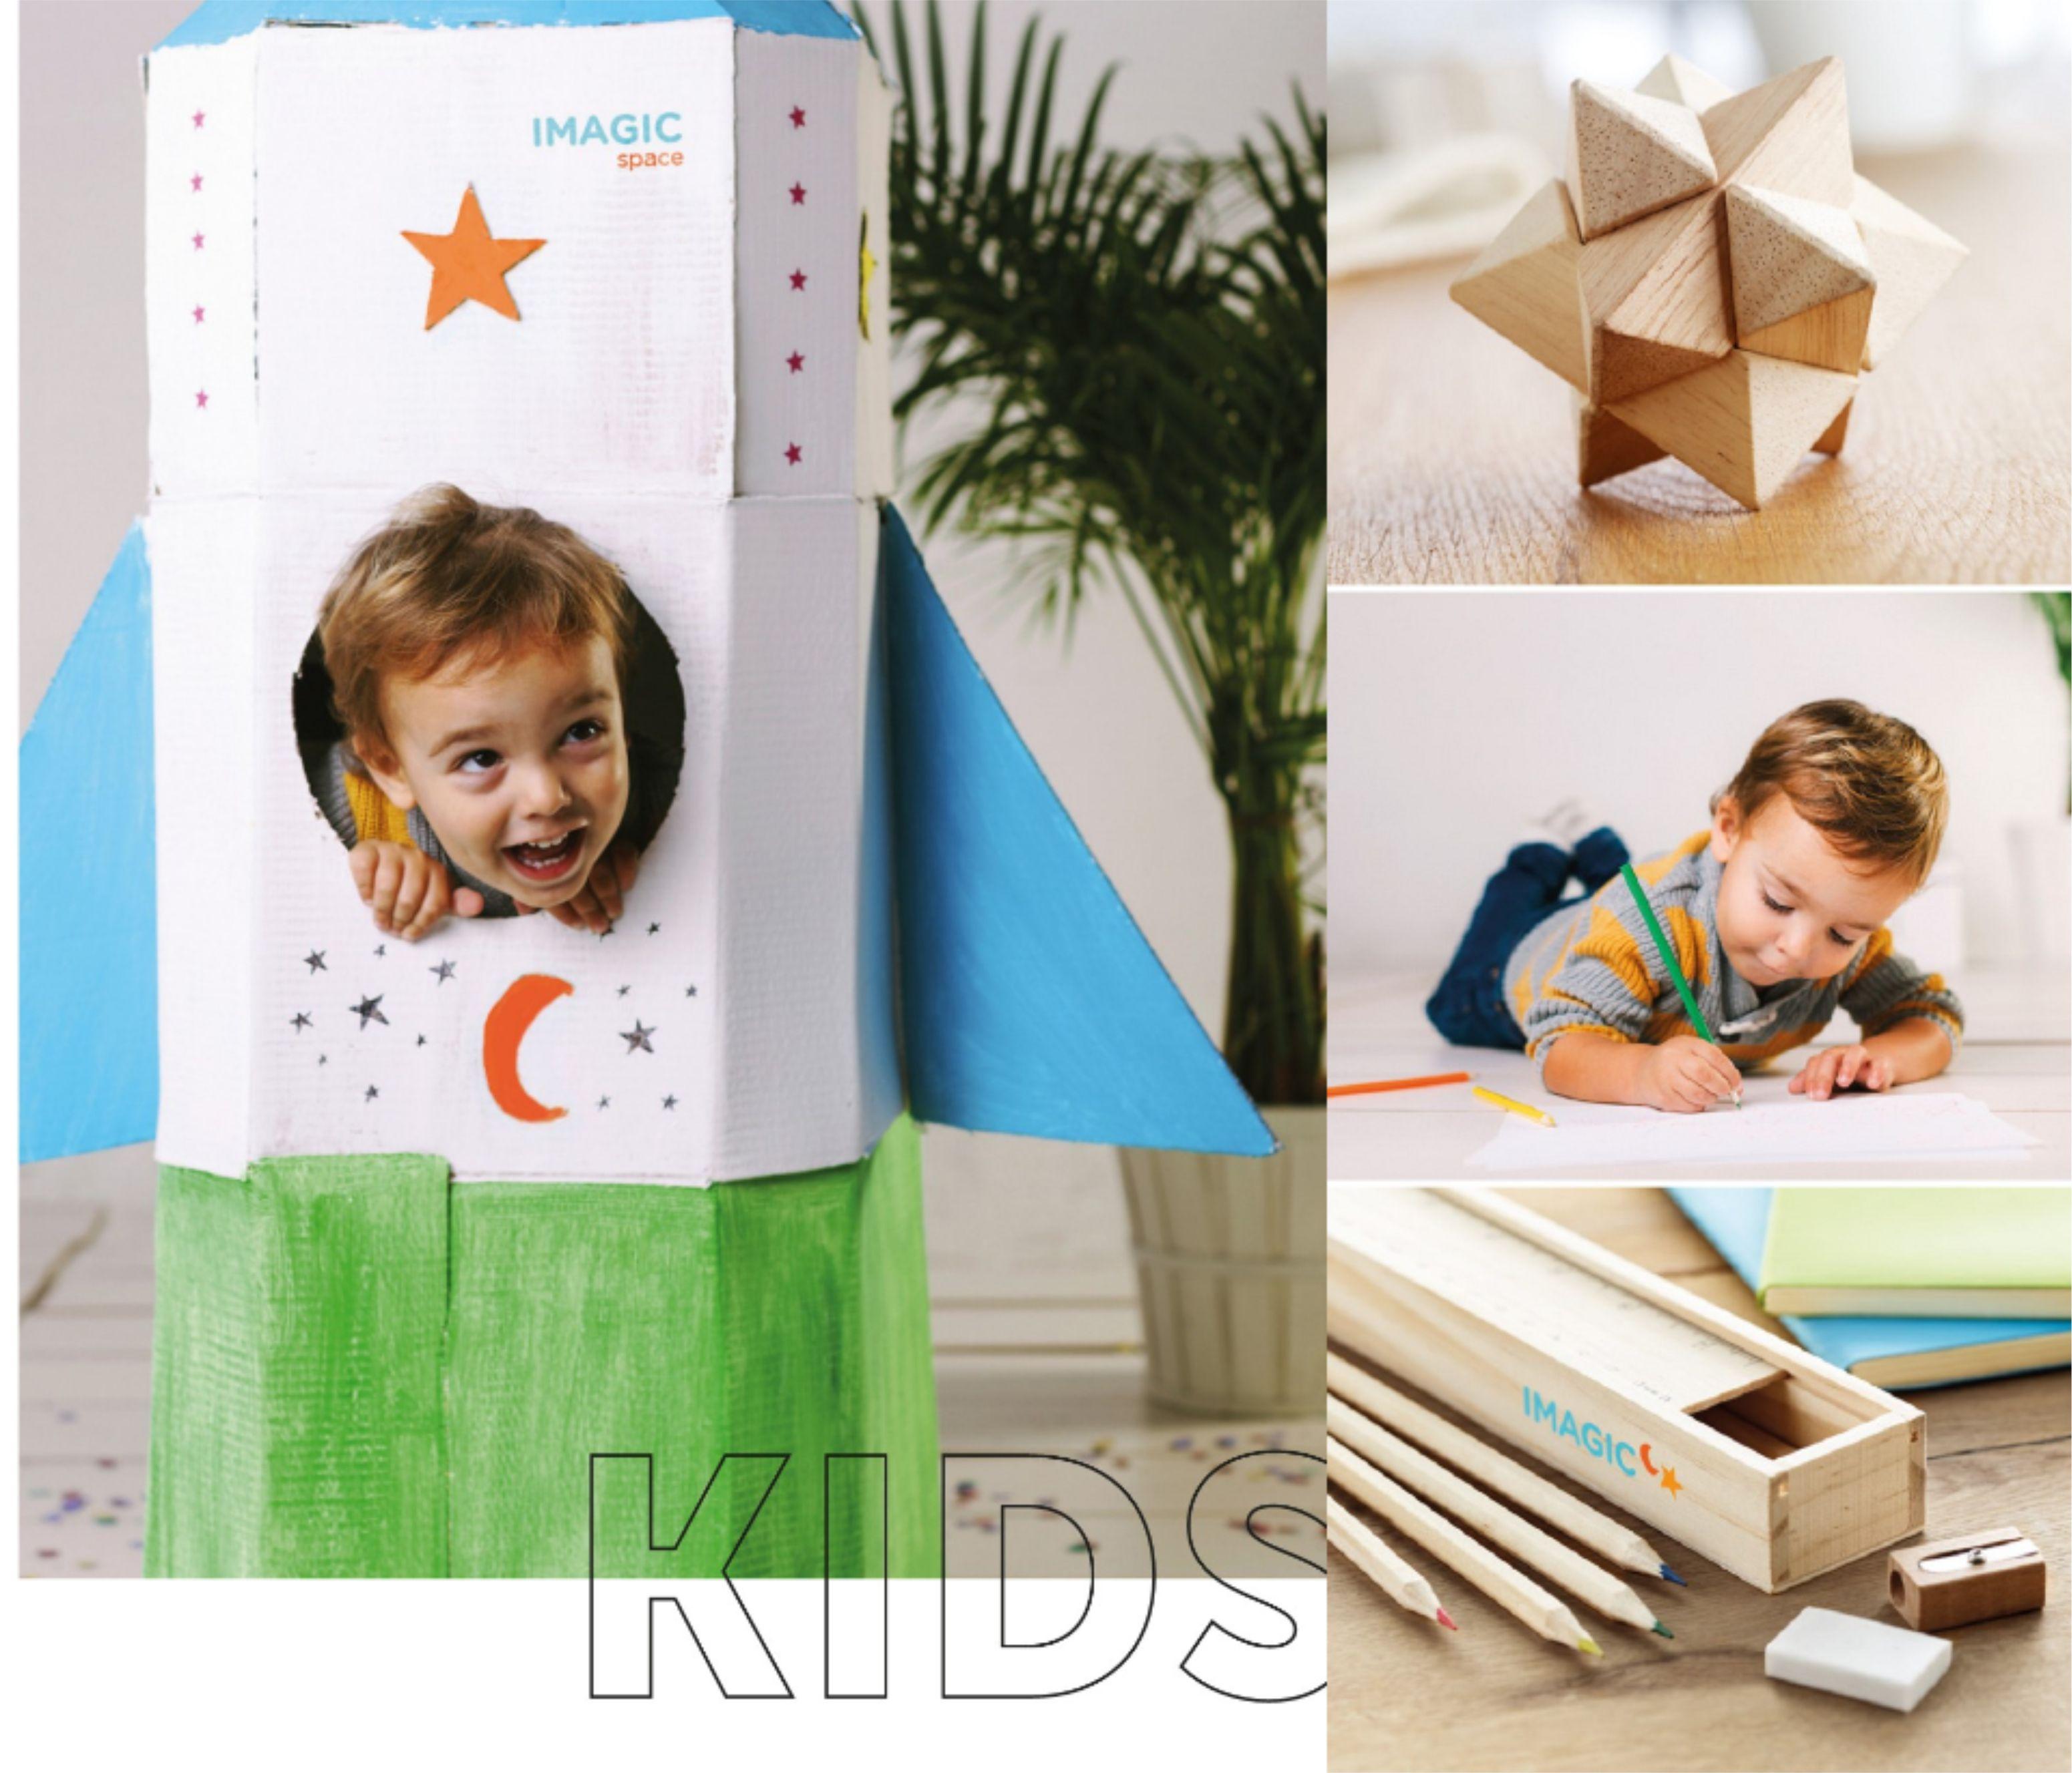 сувенирная продукция для детей